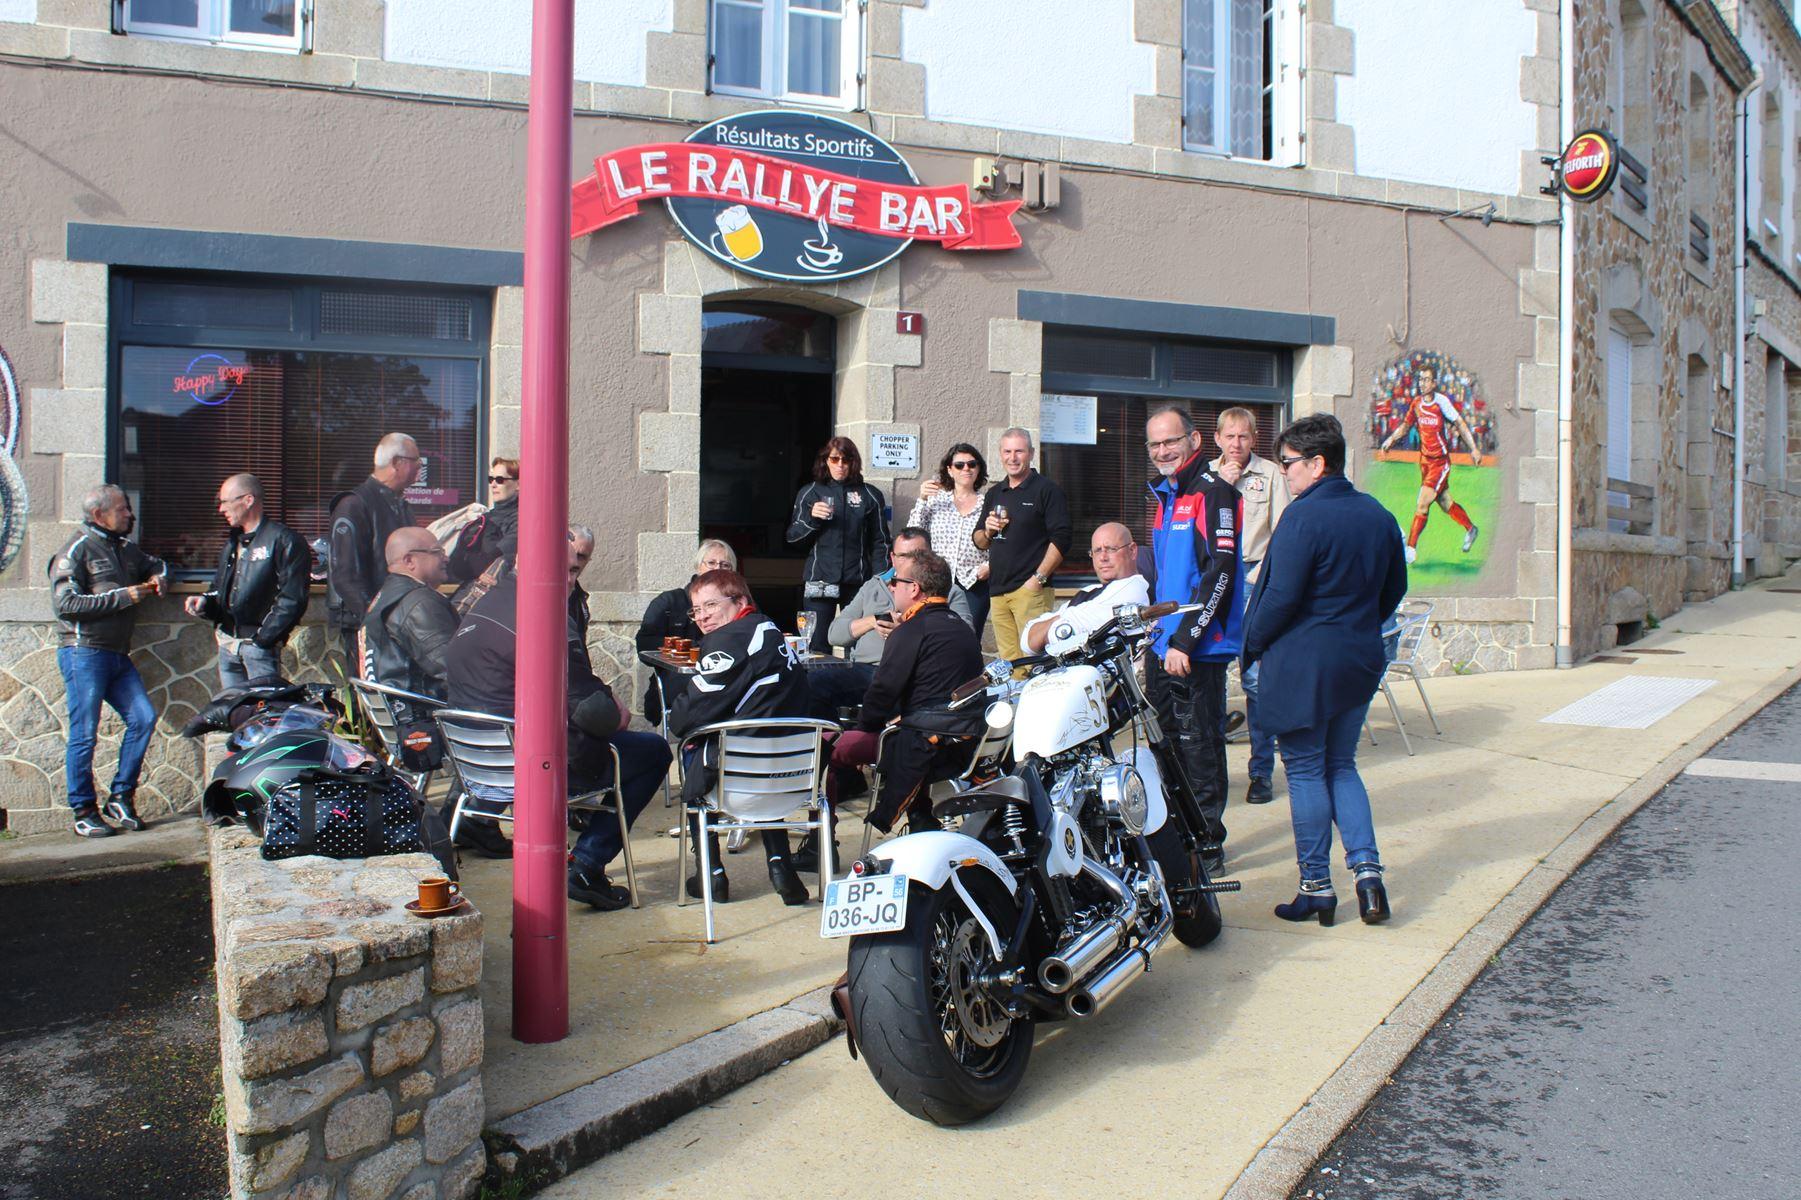 Groupe devant le bar.jpg